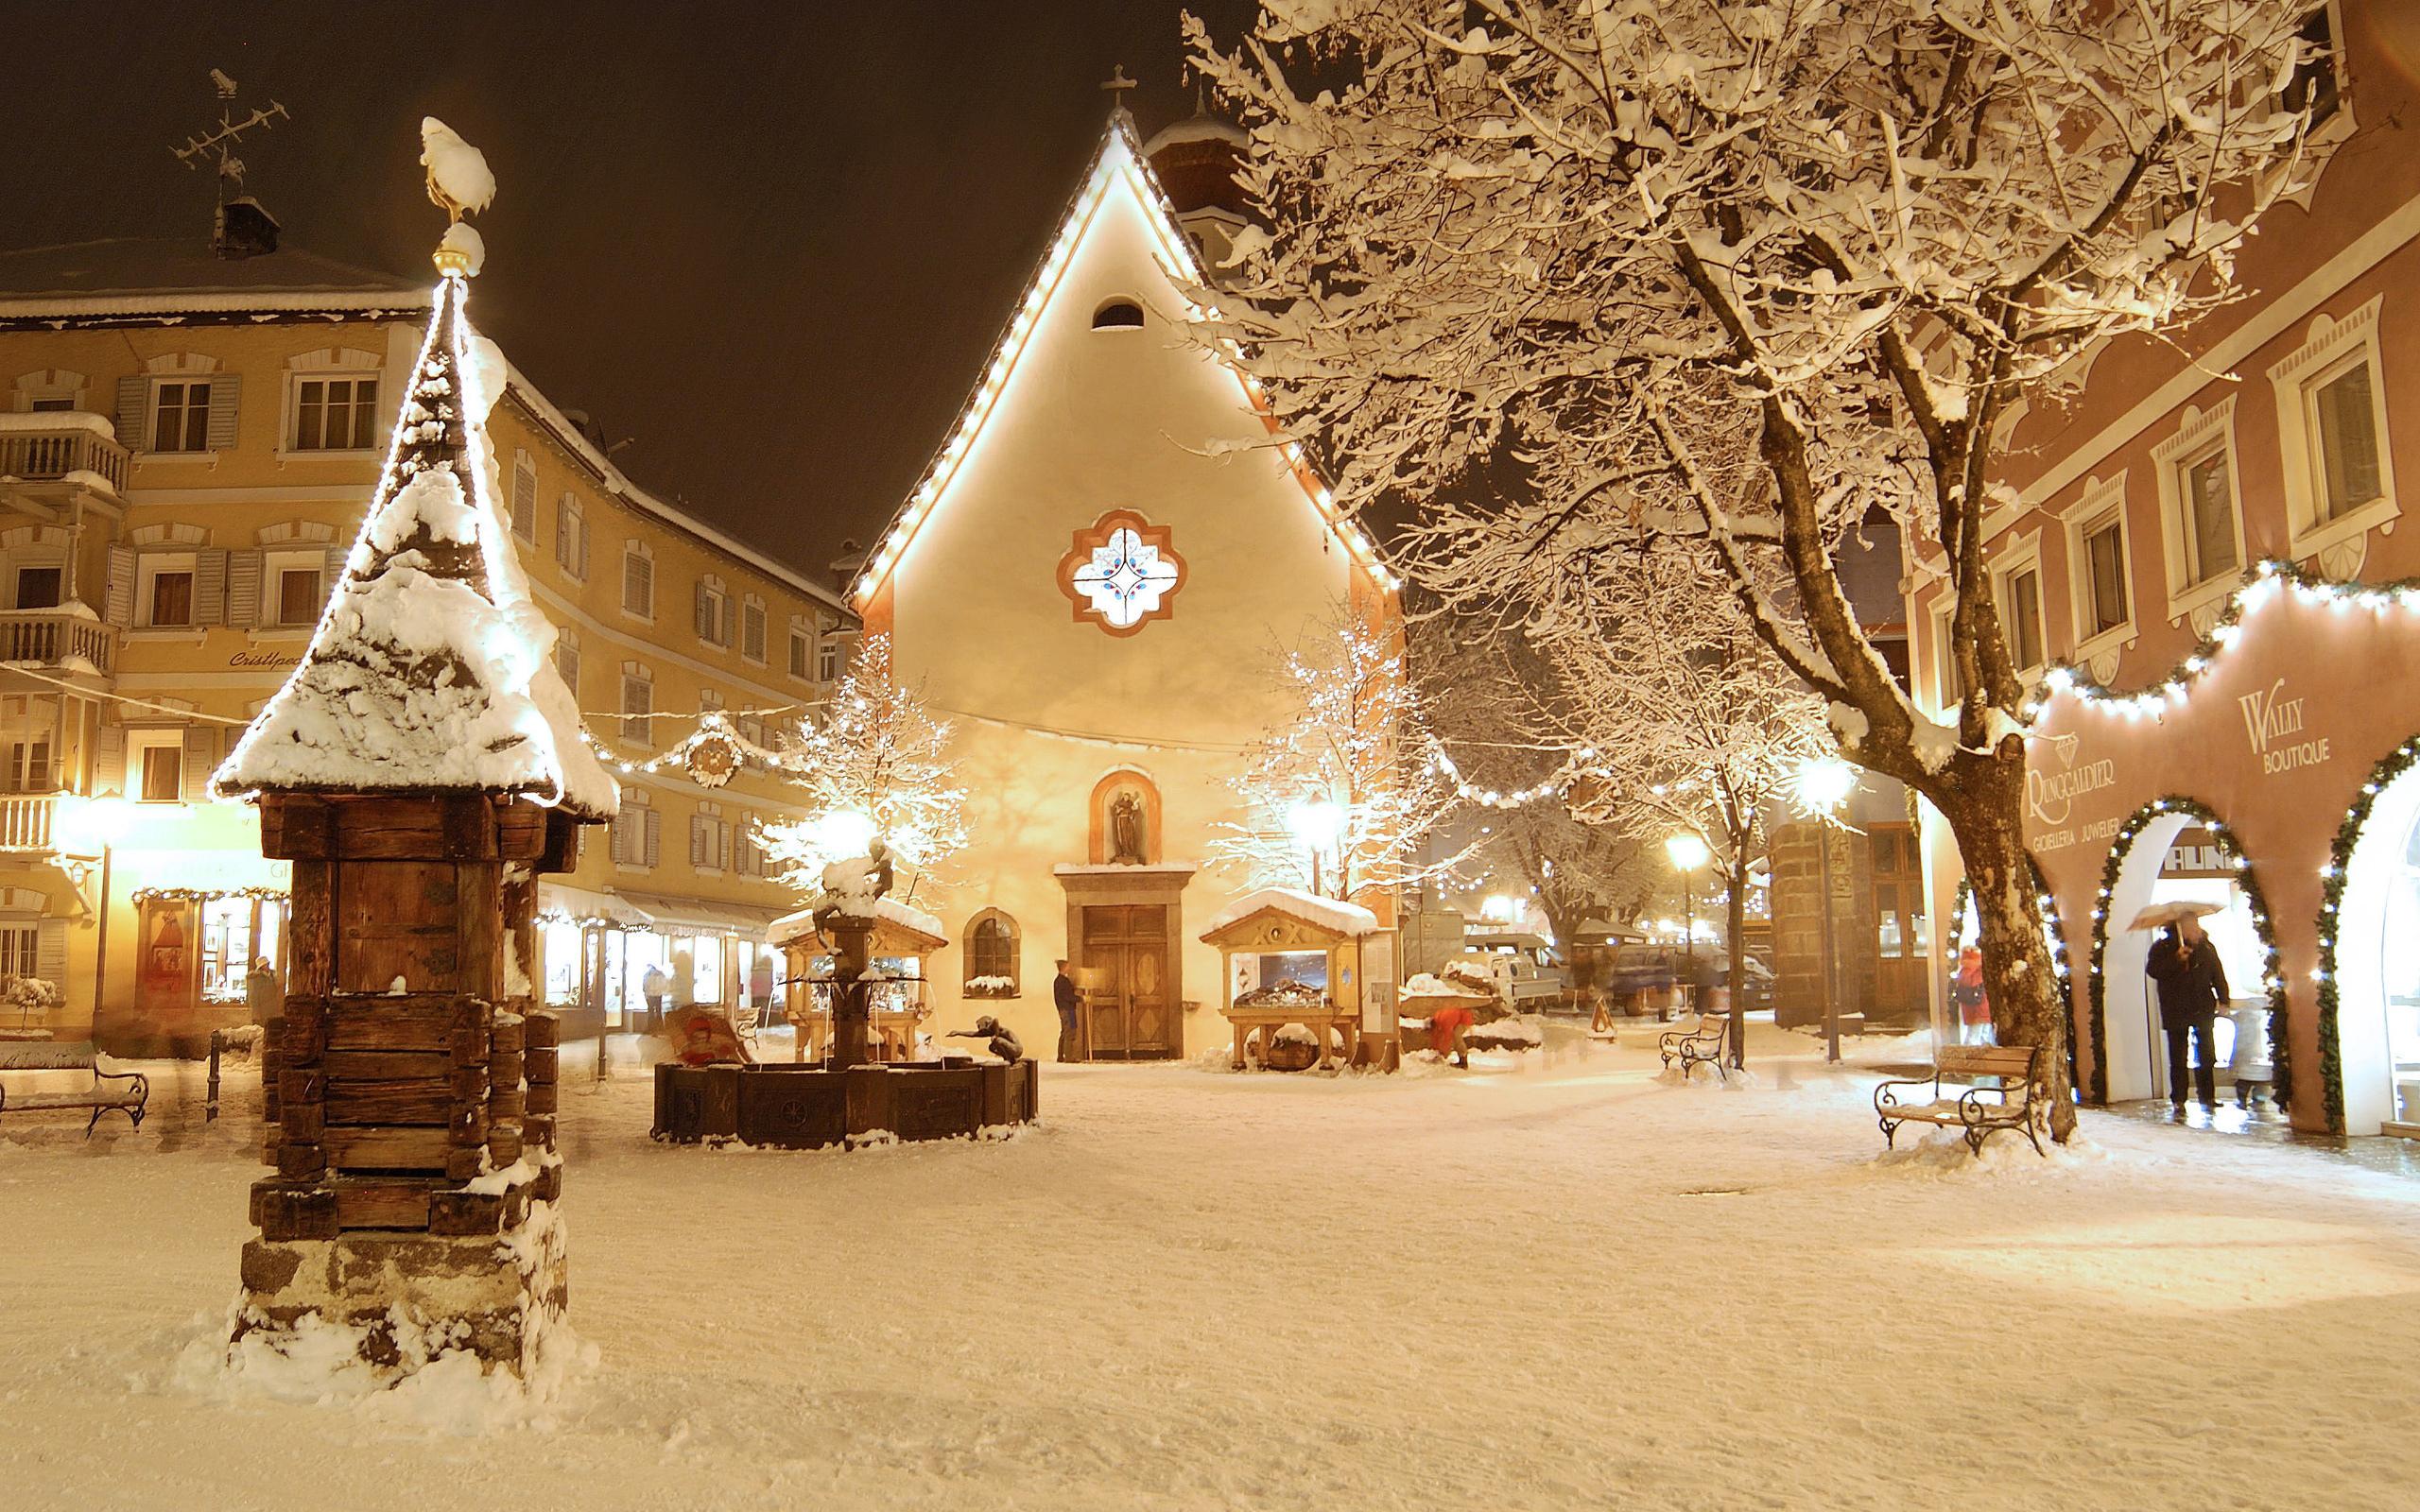 снего в новый год, снежный город, огни